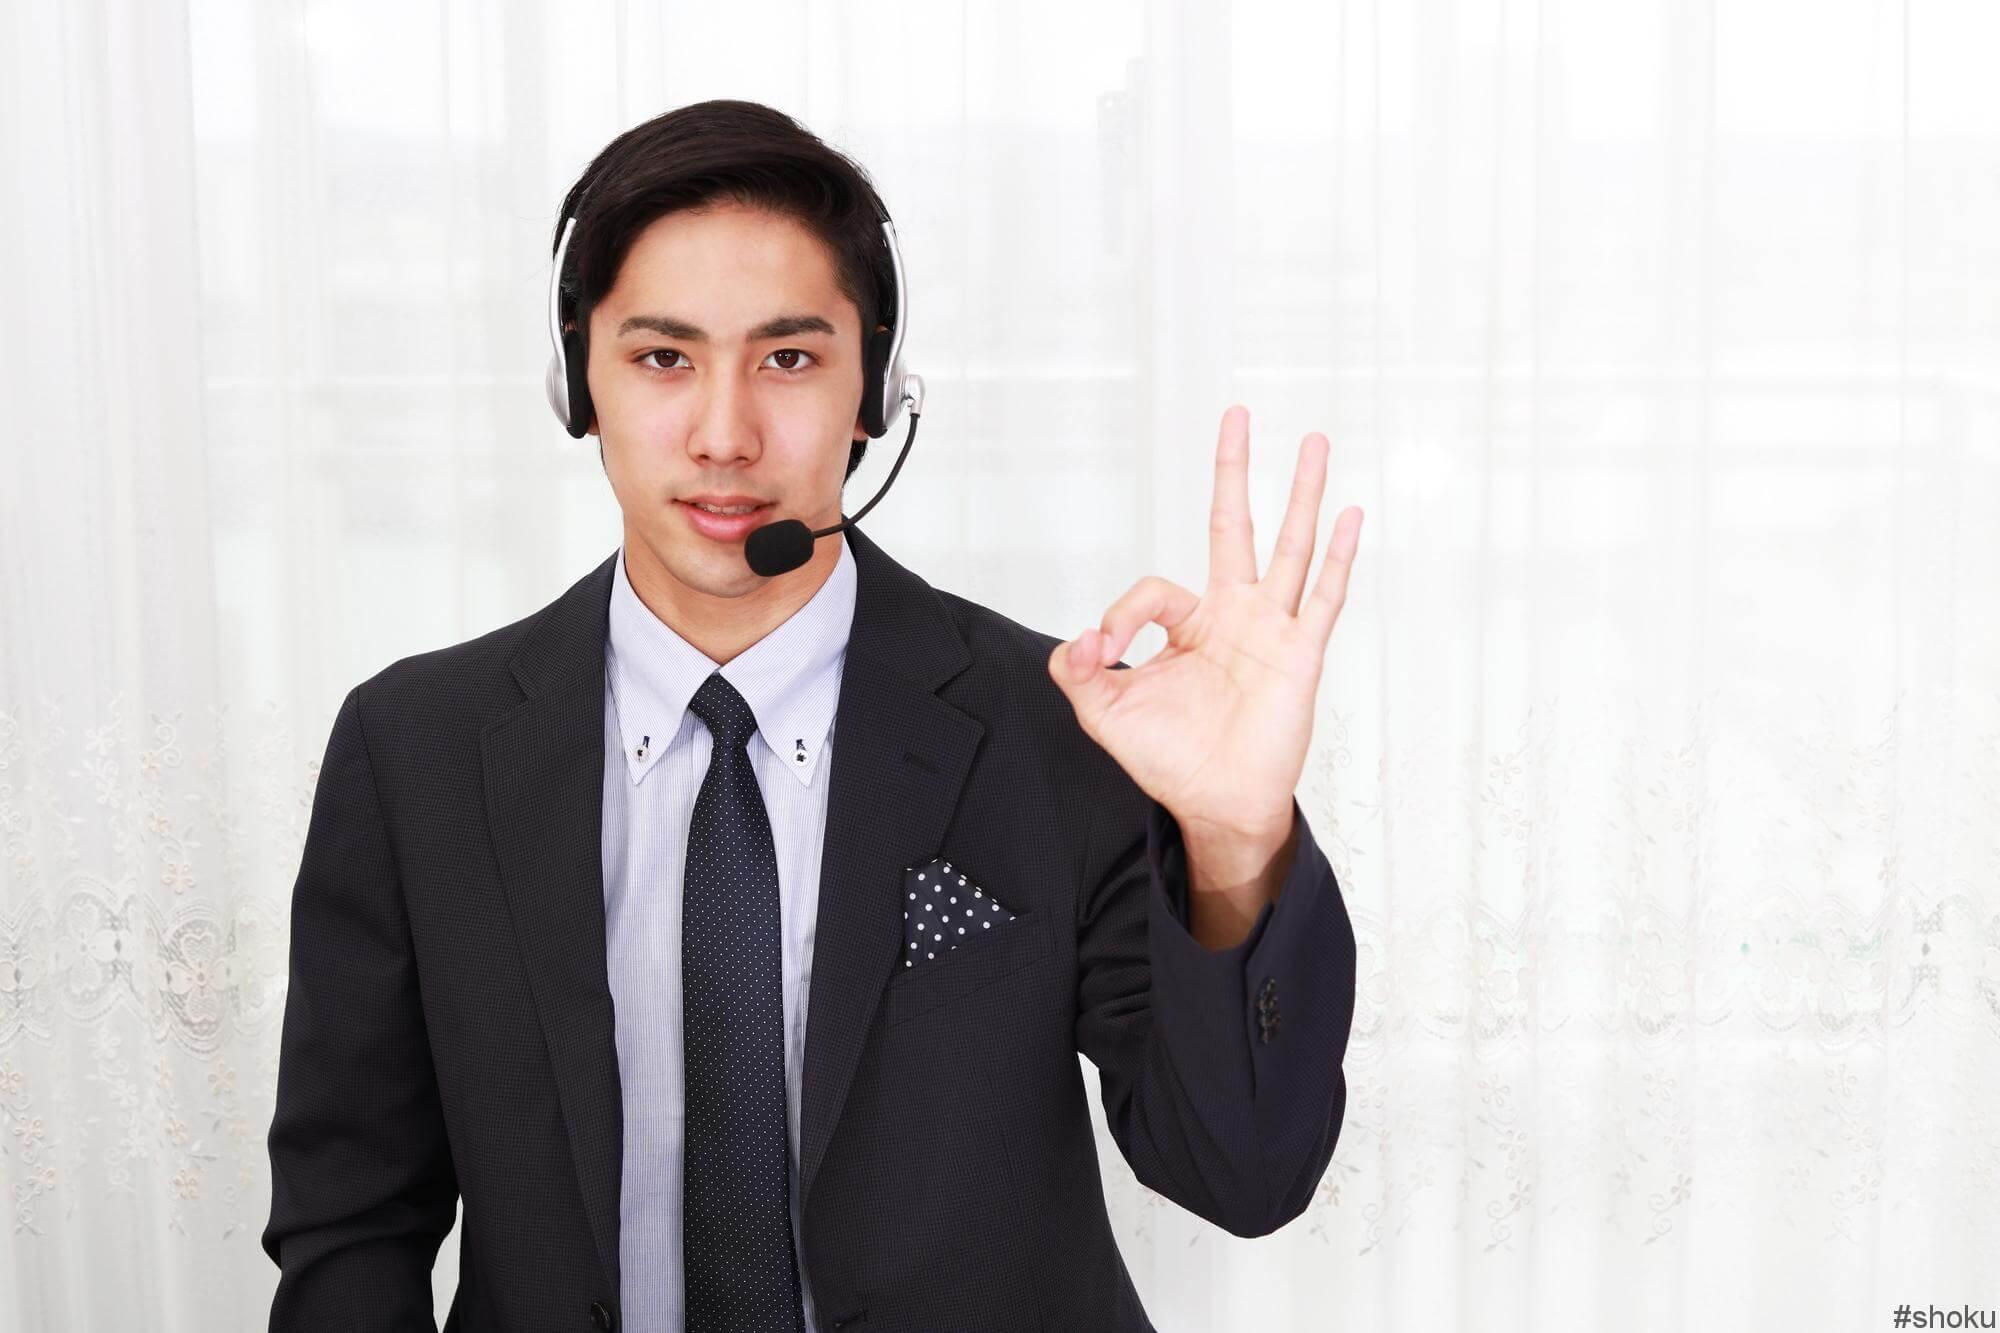 男性がコールセンターで働く事によるメリットを説明する男性